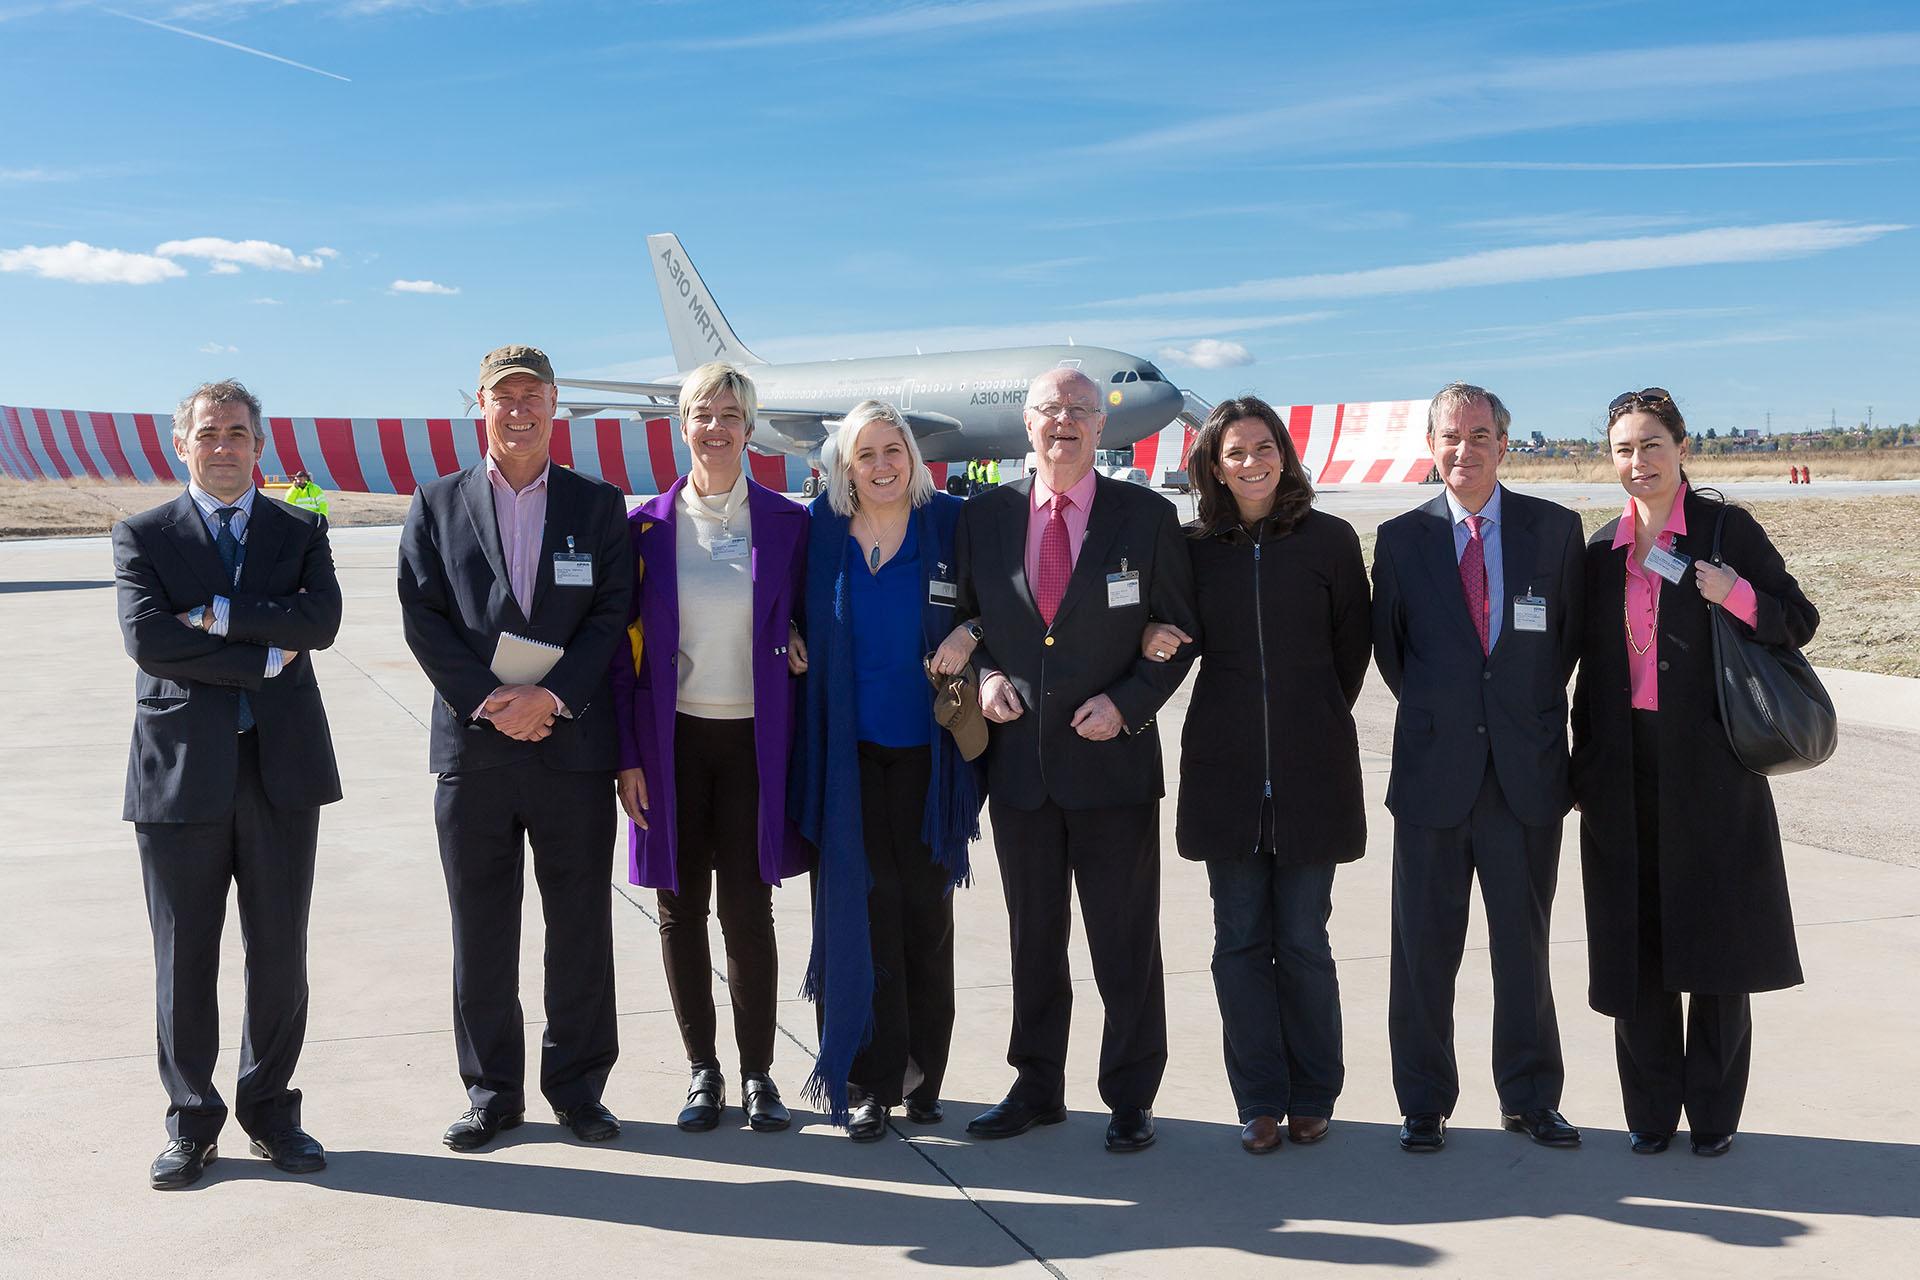 Visita de la fundación consejo España Australia y miembros de ASBA a las instalaciones de Airbus Defence and Space en Getafe